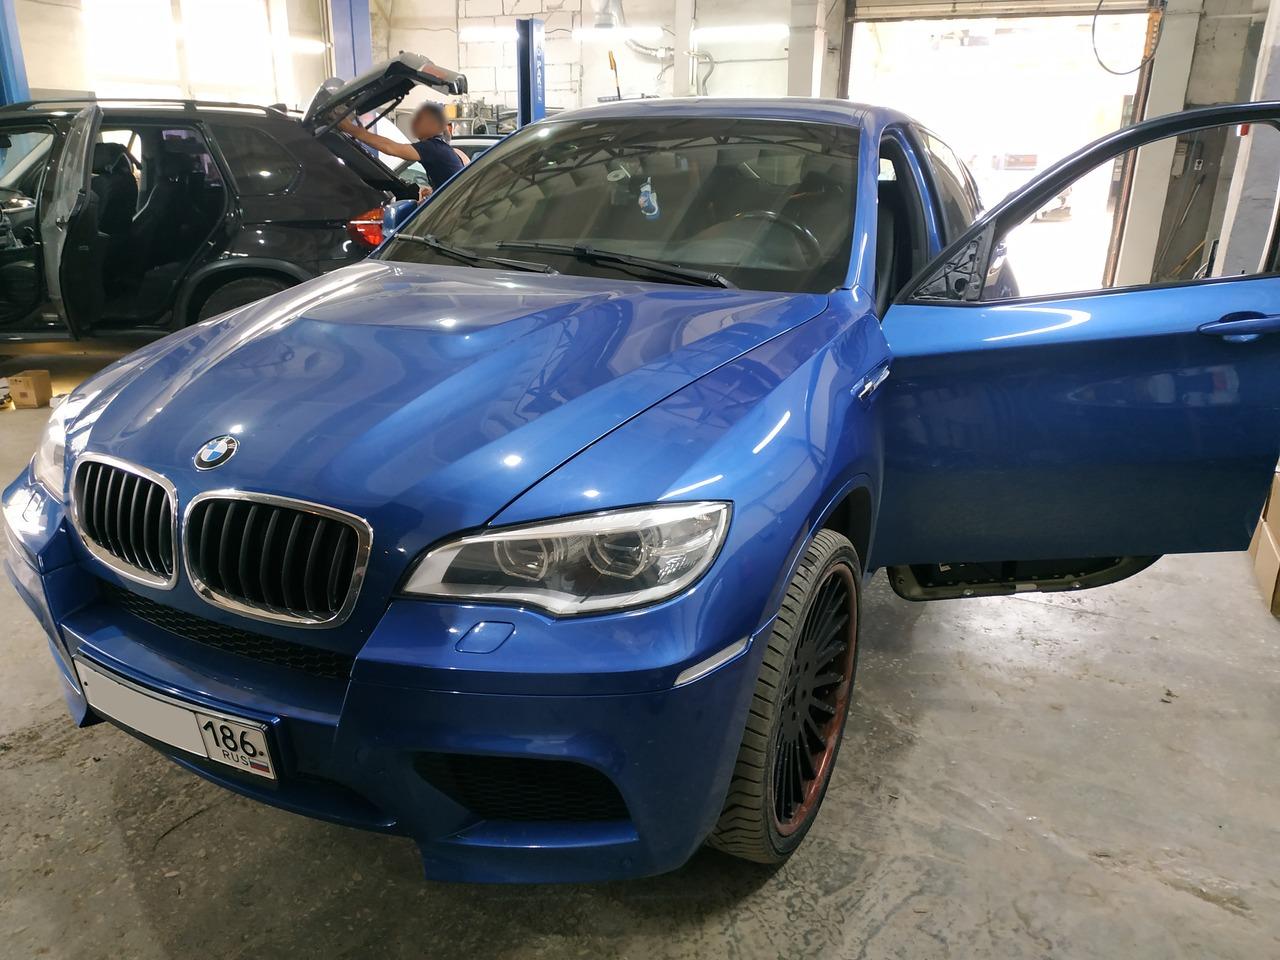 зеркало снято, BMW X6 E71